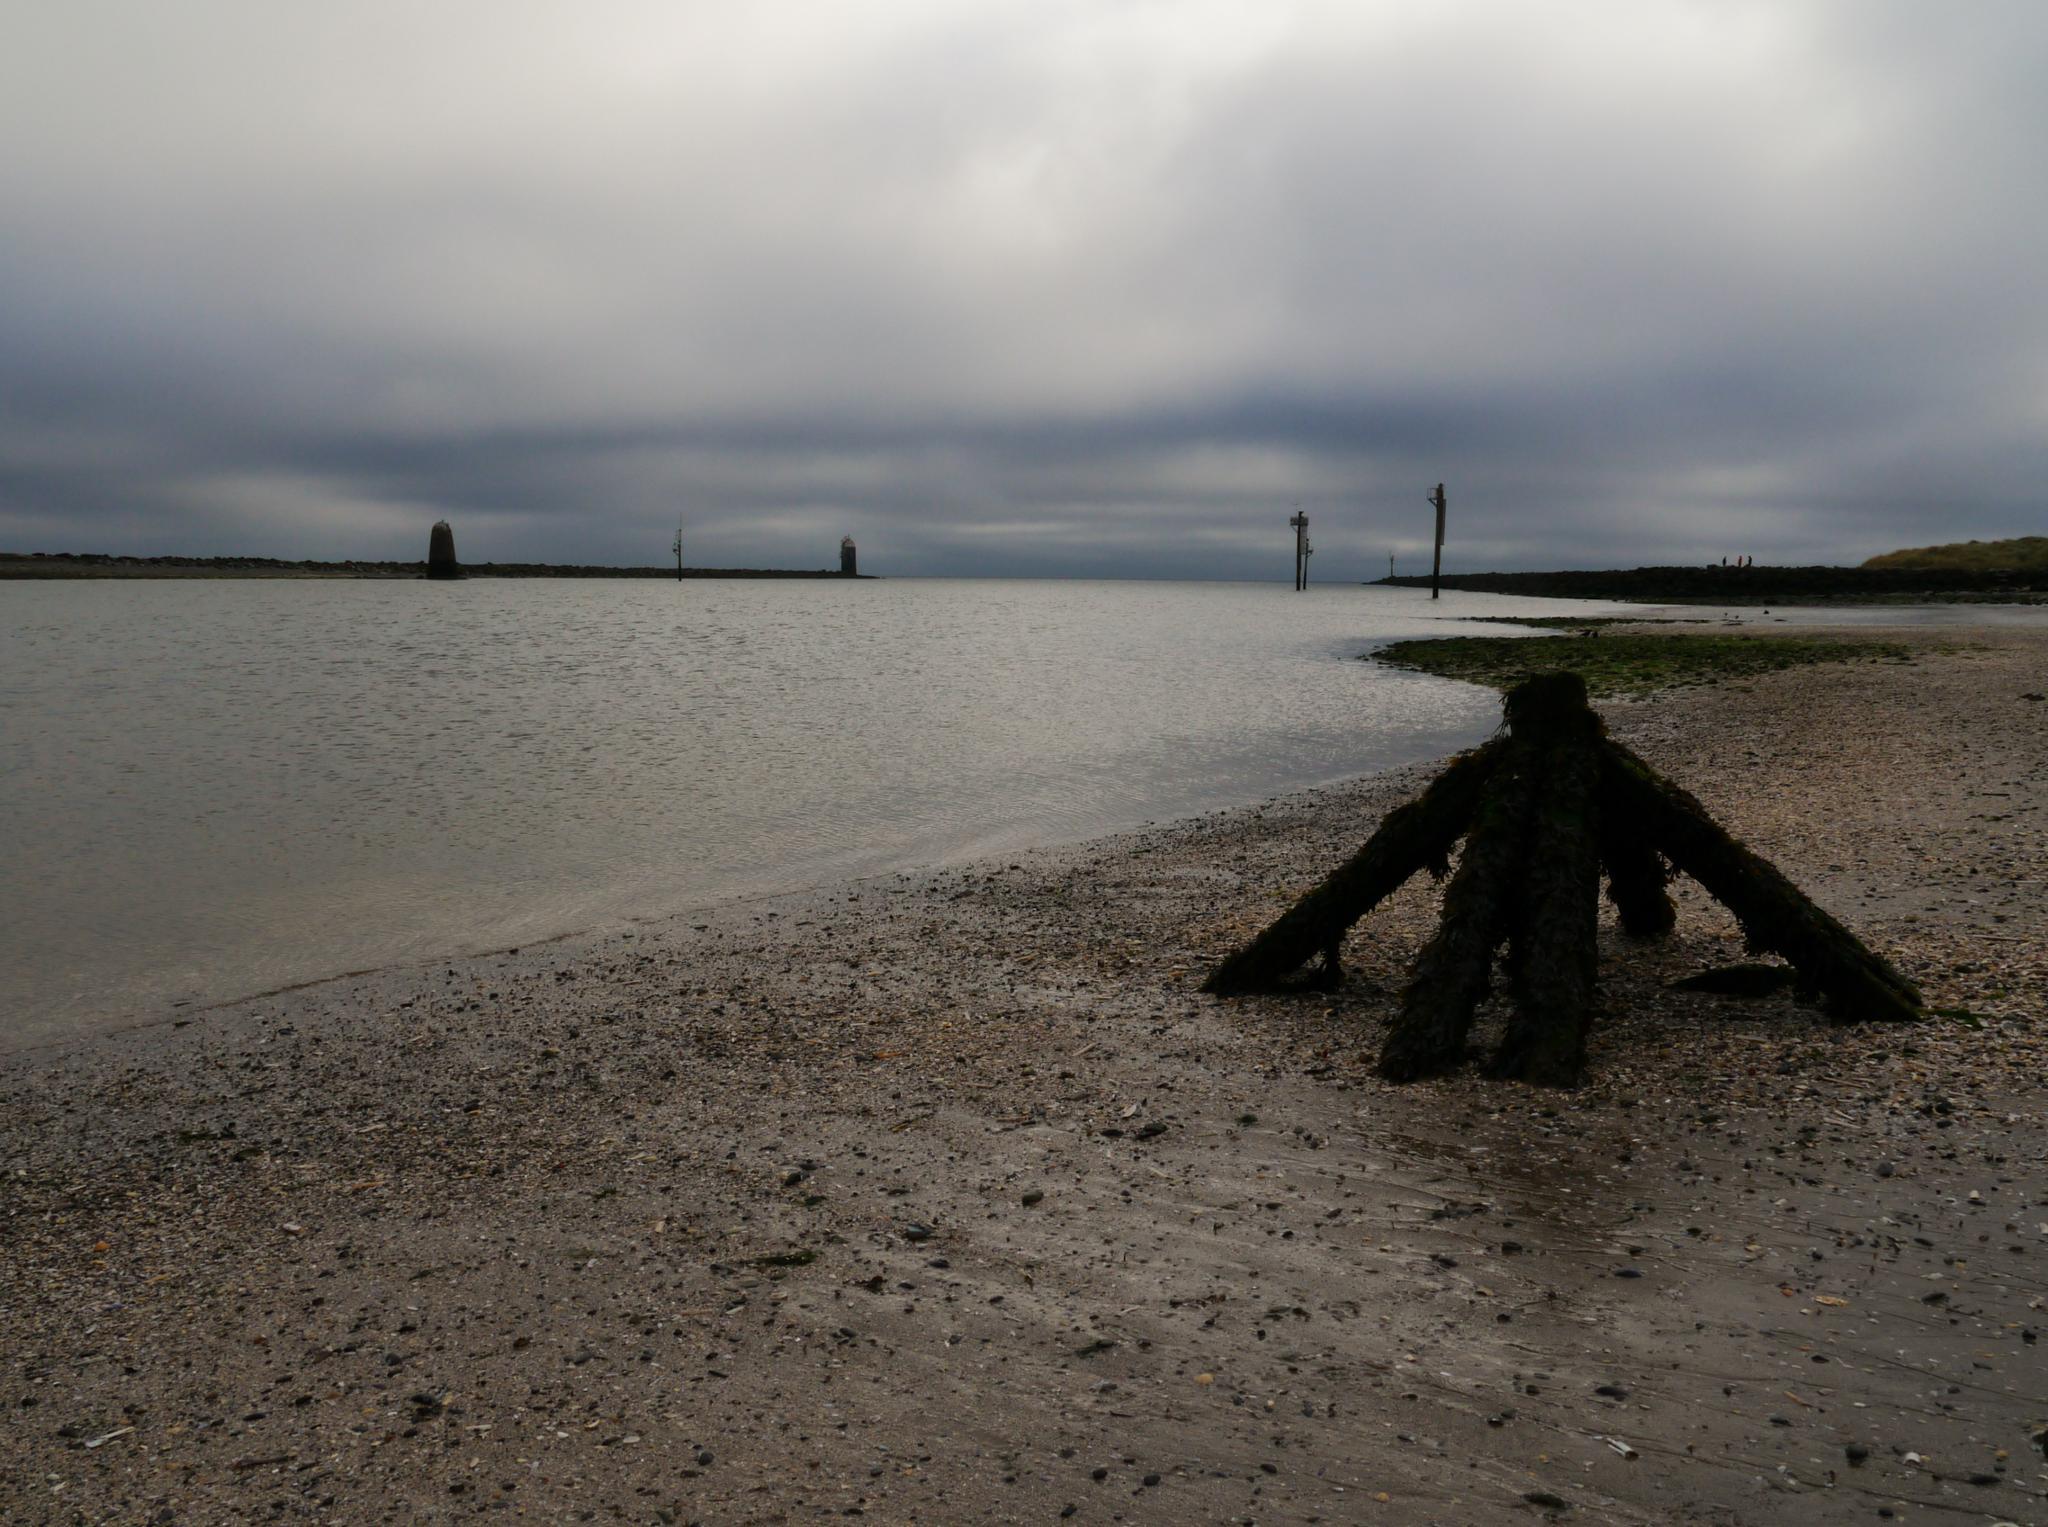 cloudy beach by Daryl O'Liathain